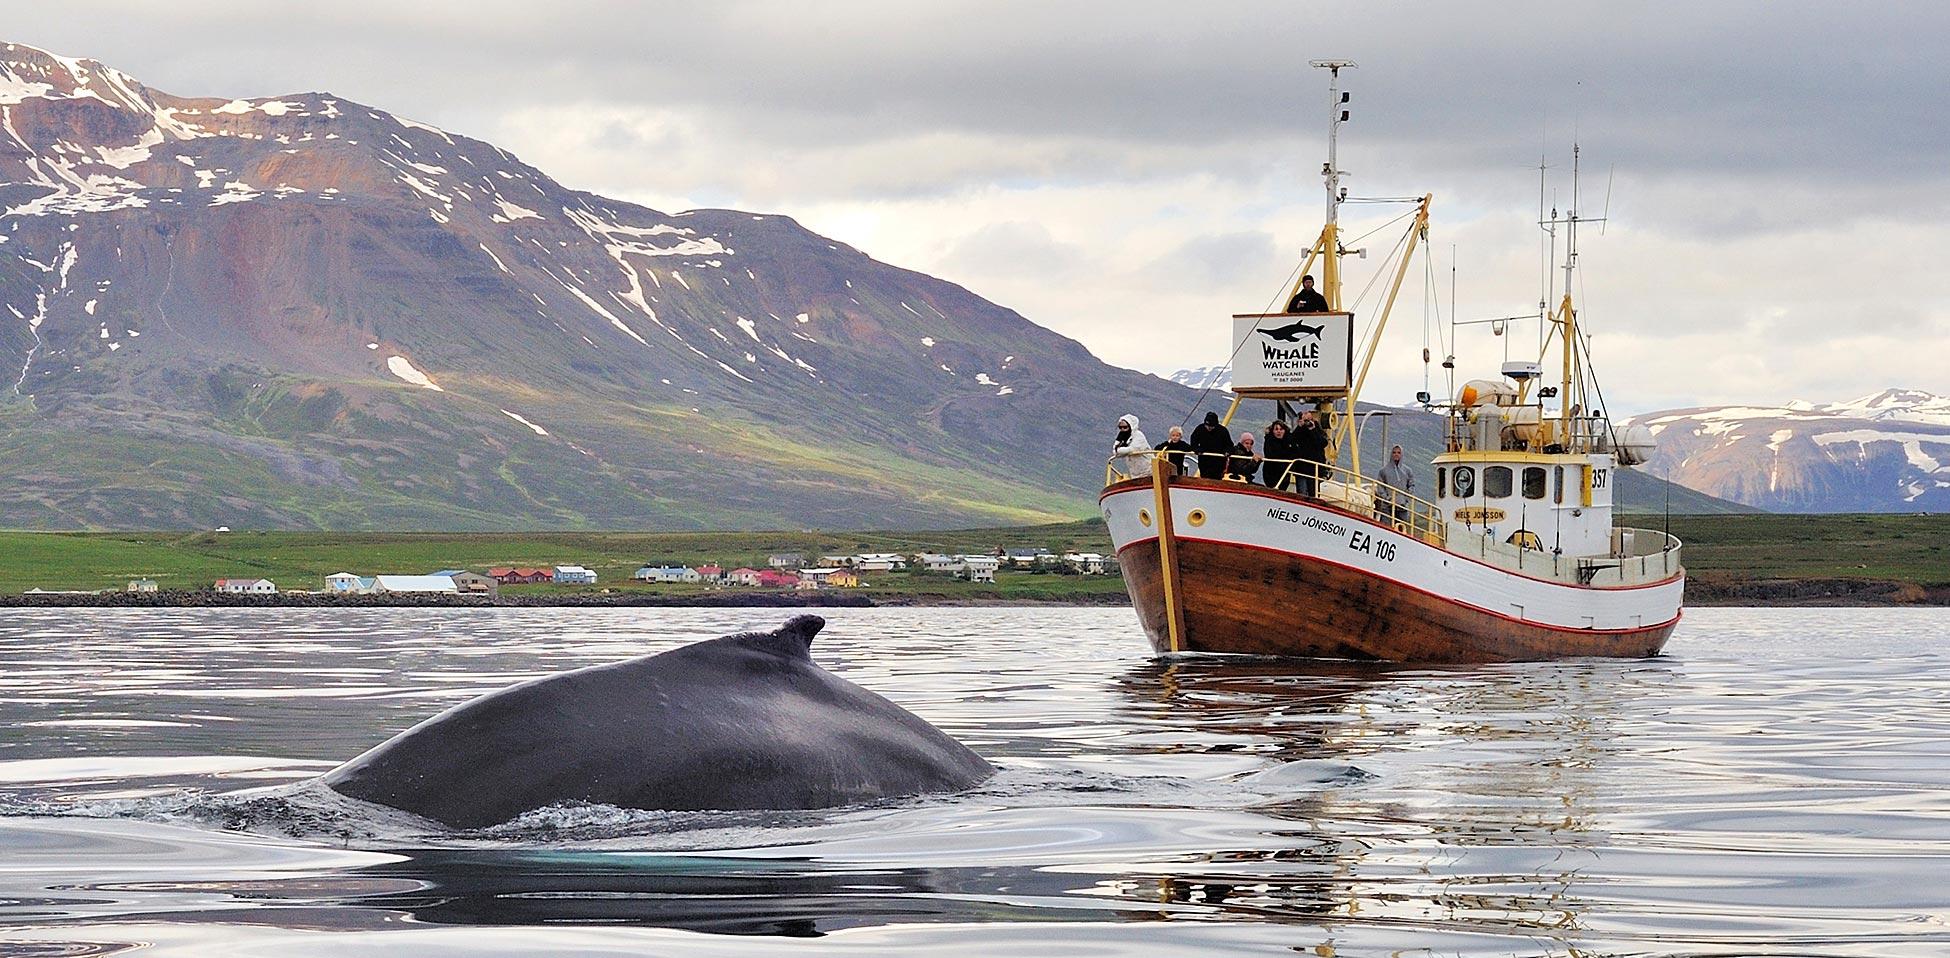 在这次冰岛观鲸海上钓鱼之旅中您最后机会看到的是座头鲸、小须鲸、港口海豚和白喙海豚